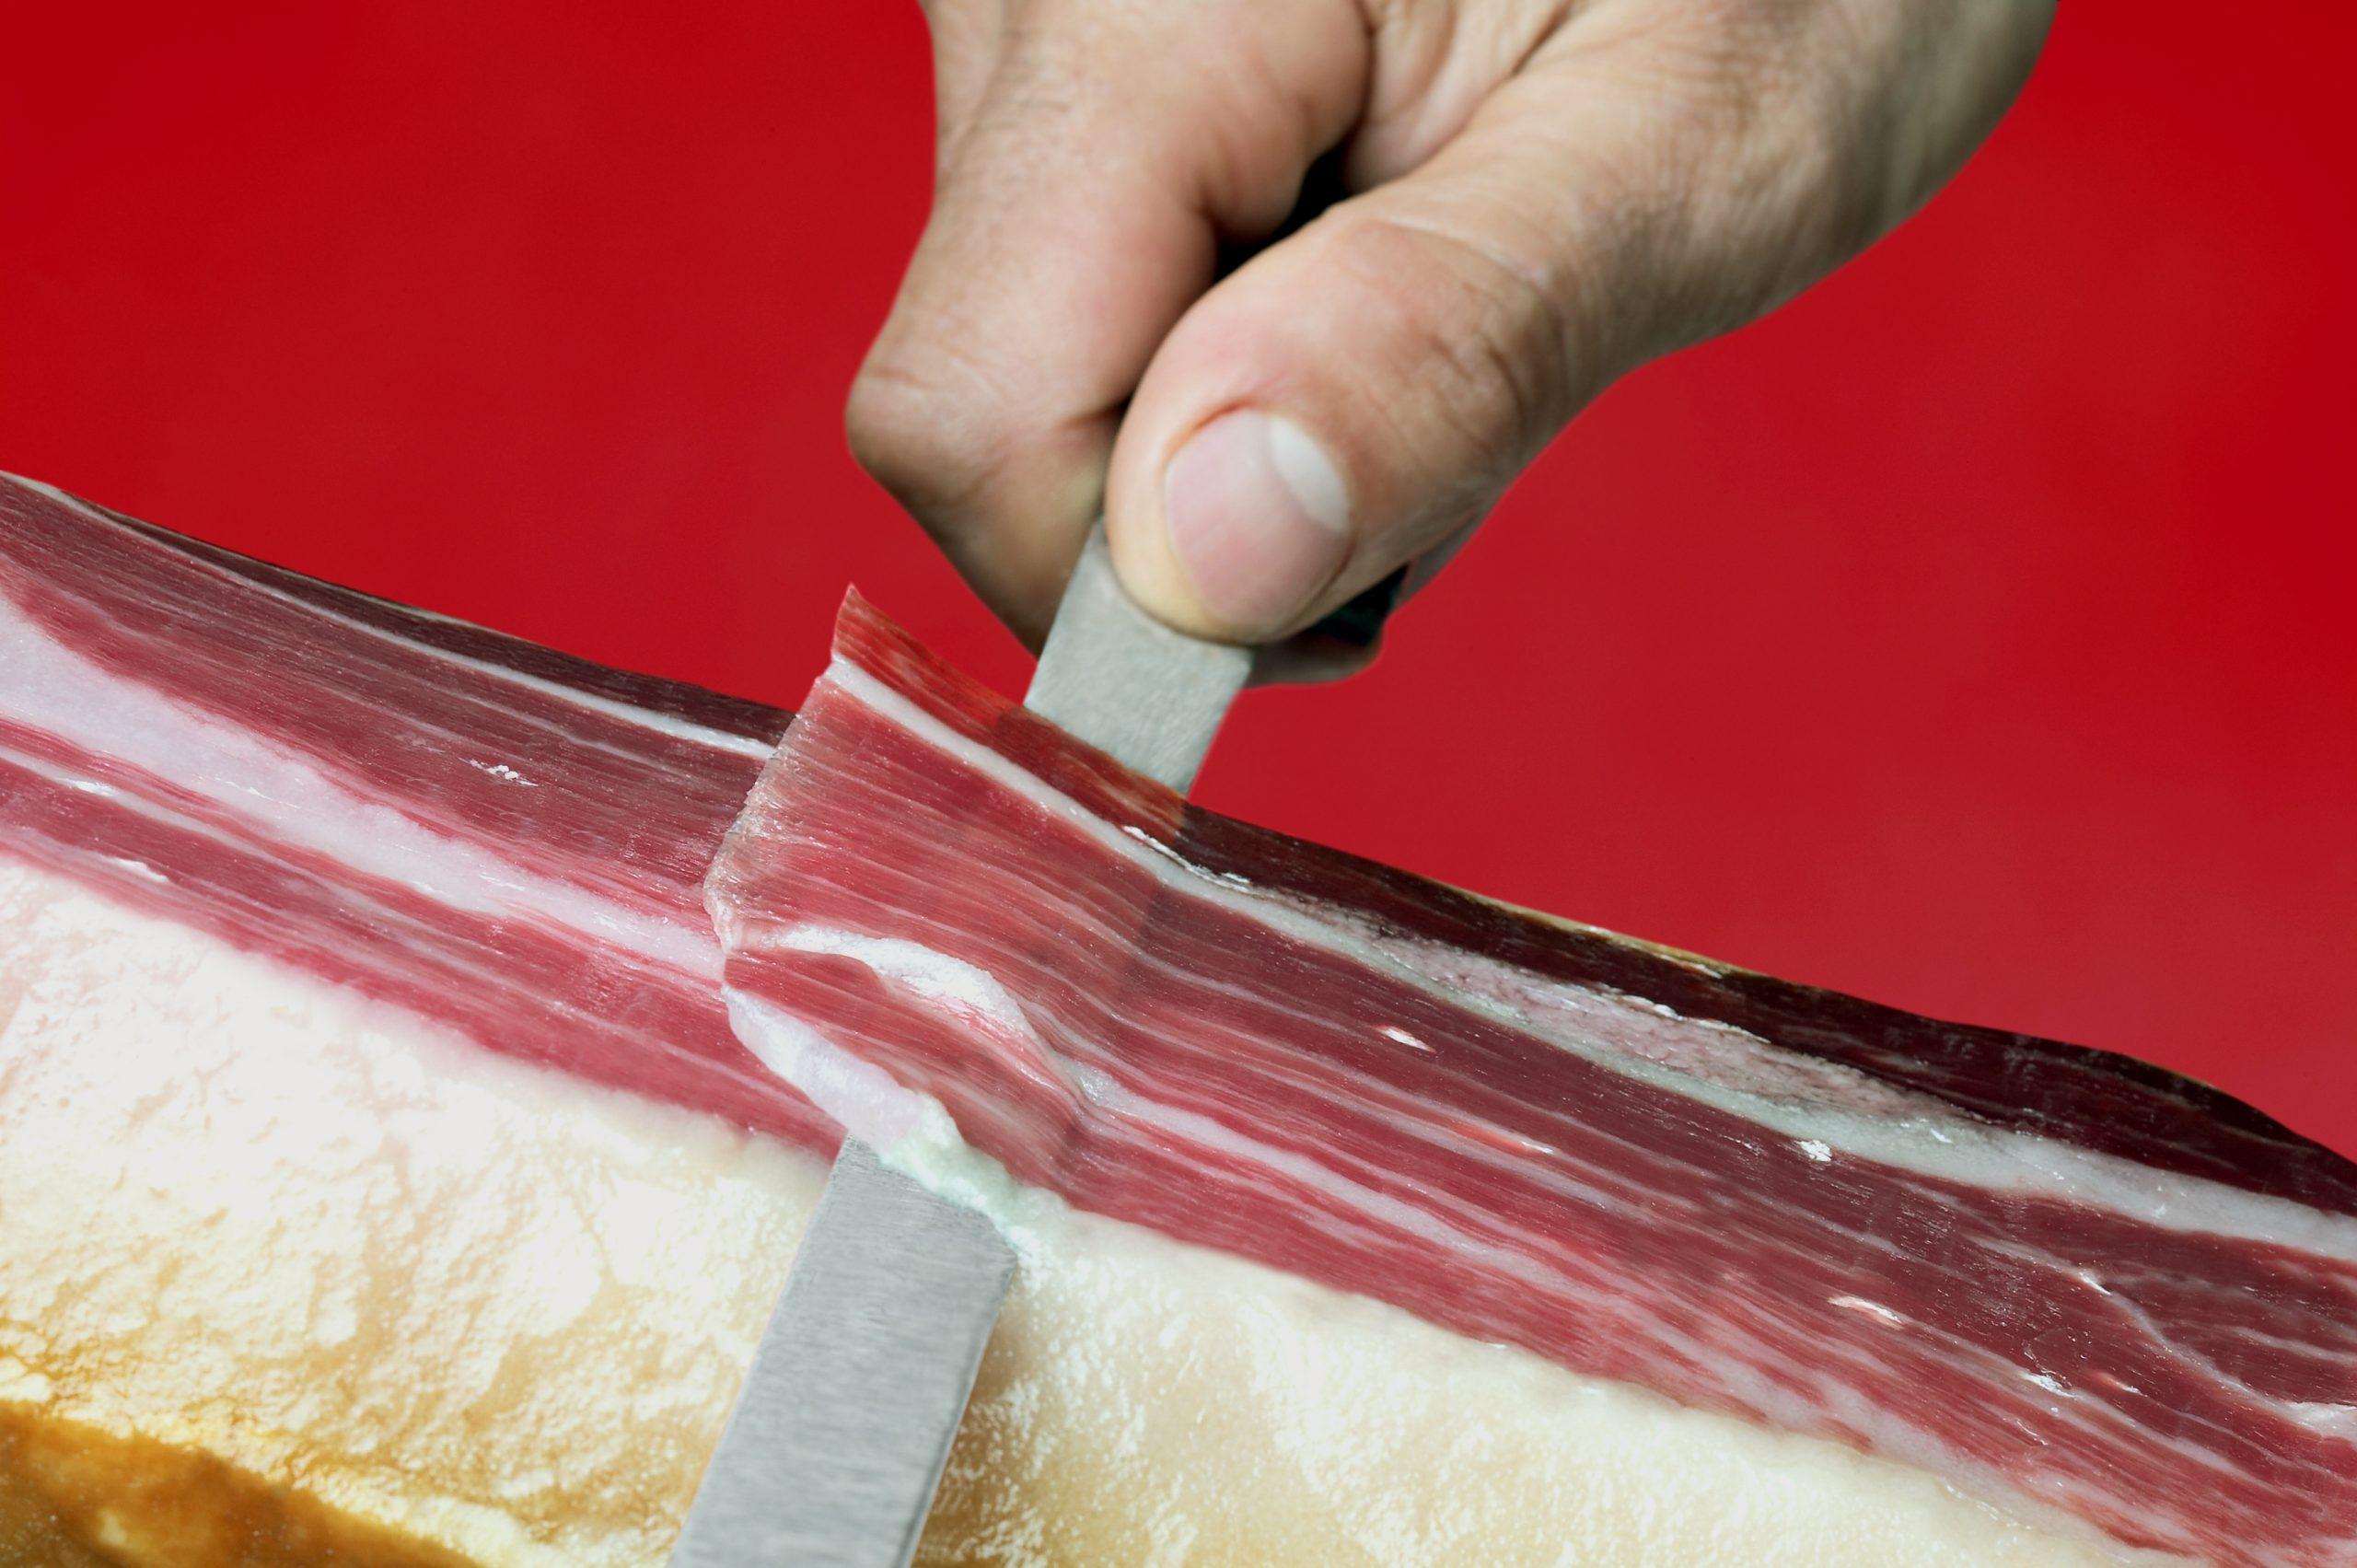 belang goed snijden iberico serranoham